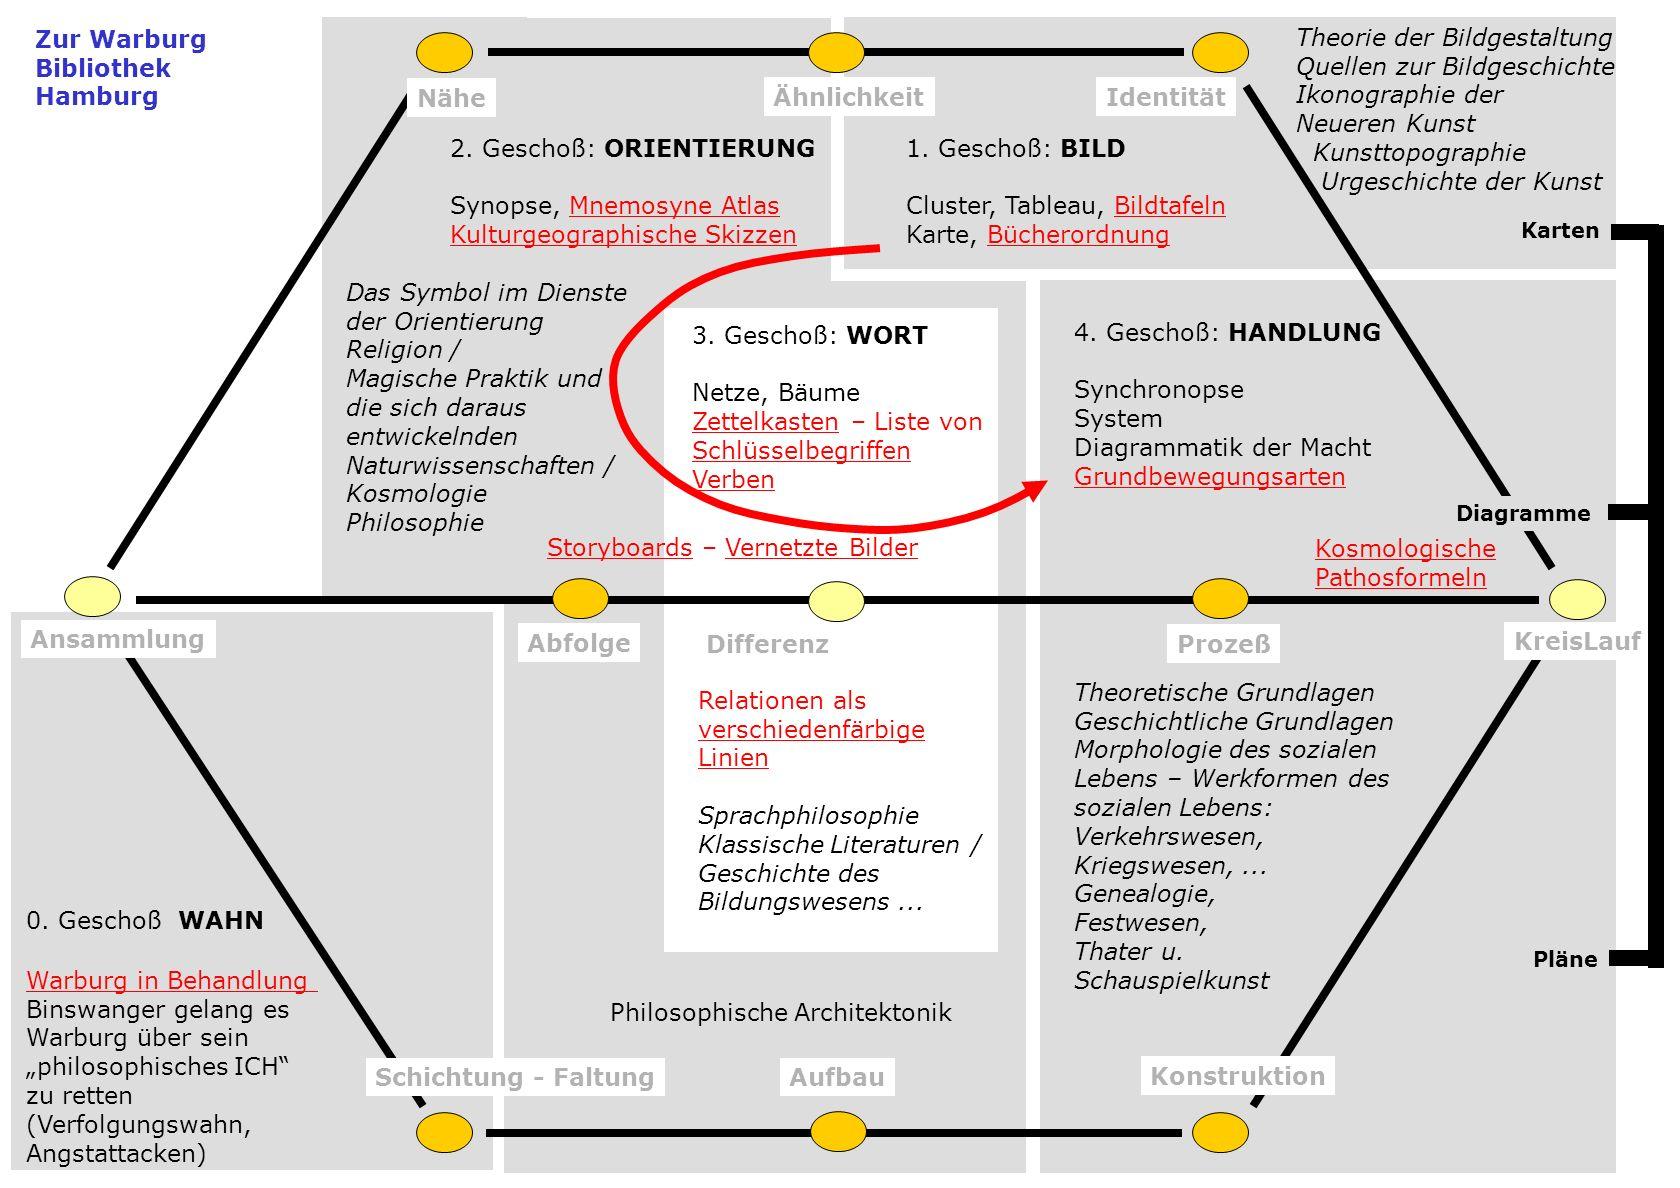 Ähnlichkeit Nähe Identität Ansammlung Abfolge DifferenzProzeß KreisLauf Schichtung - FaltungAufbau Konstruktion Karten Pläne 3. Geschoß: WORT Netze, B